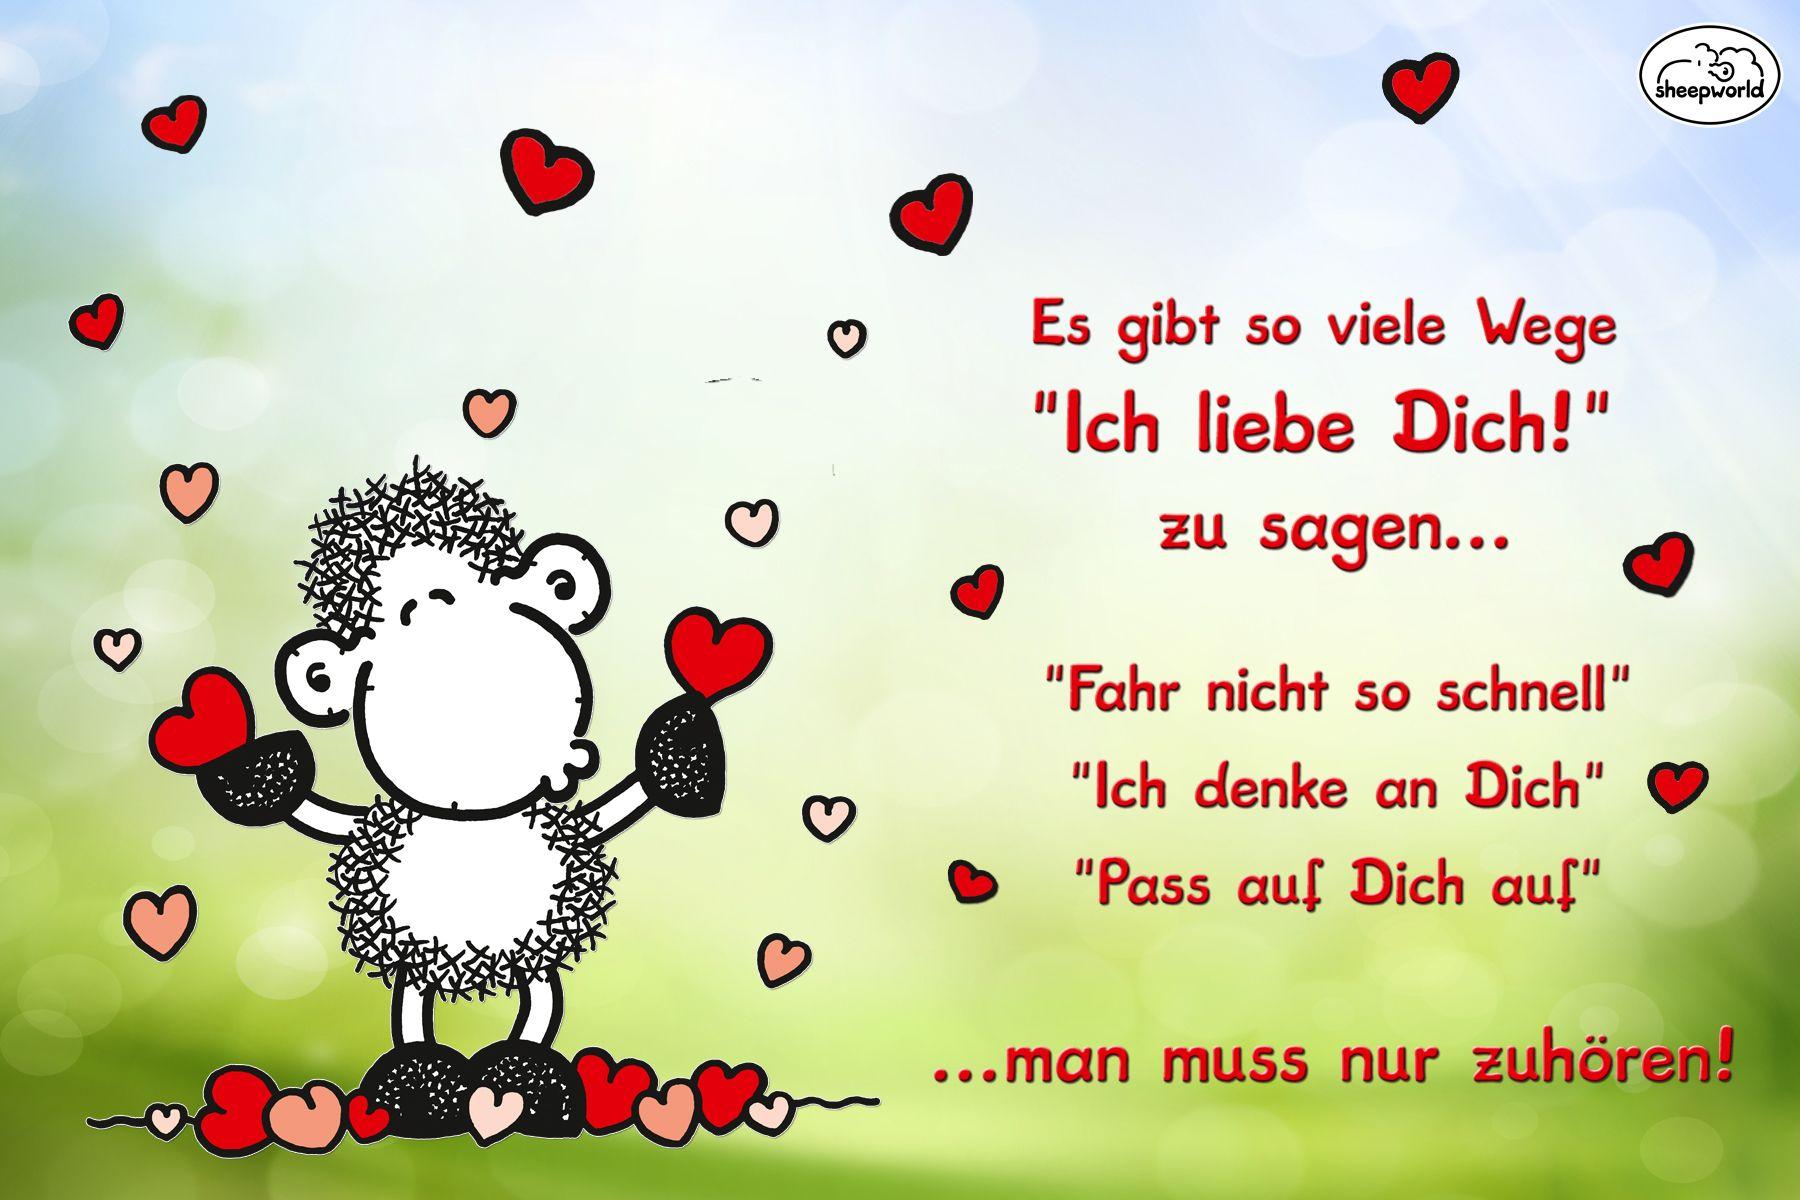 Ich liebe dich sheepworld